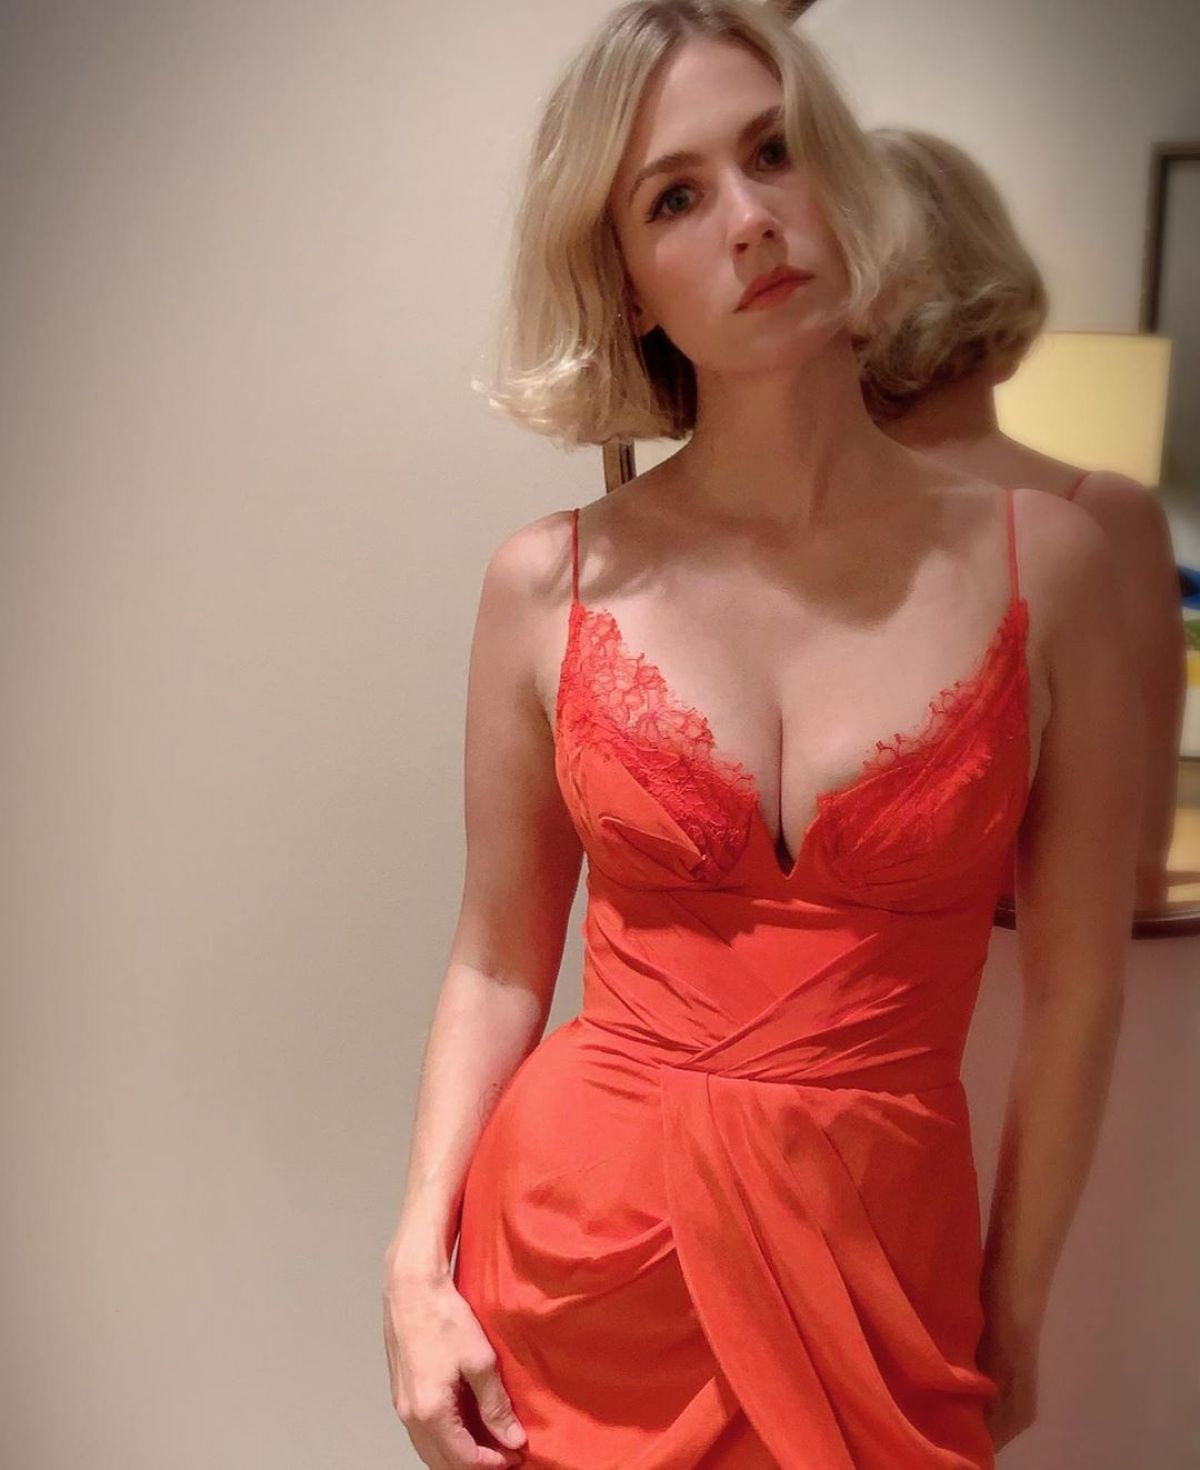 JANUARY JONES in an Orange Dress – Instagram Photos 12/10 ... January Jones Instagram